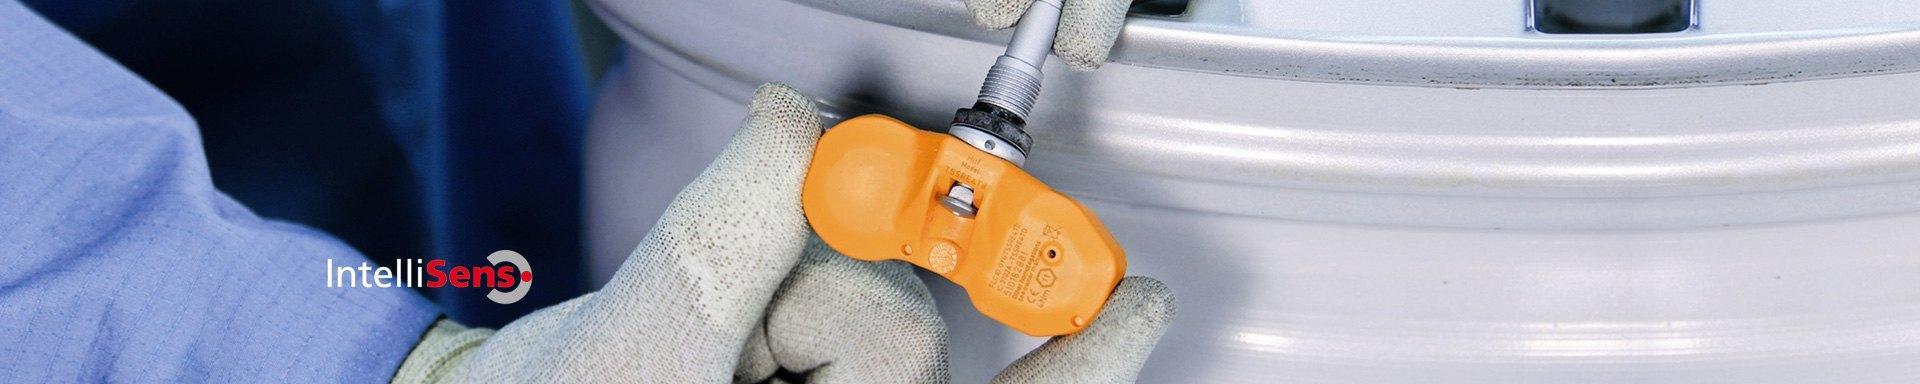 Intellisens TPMS Sensors